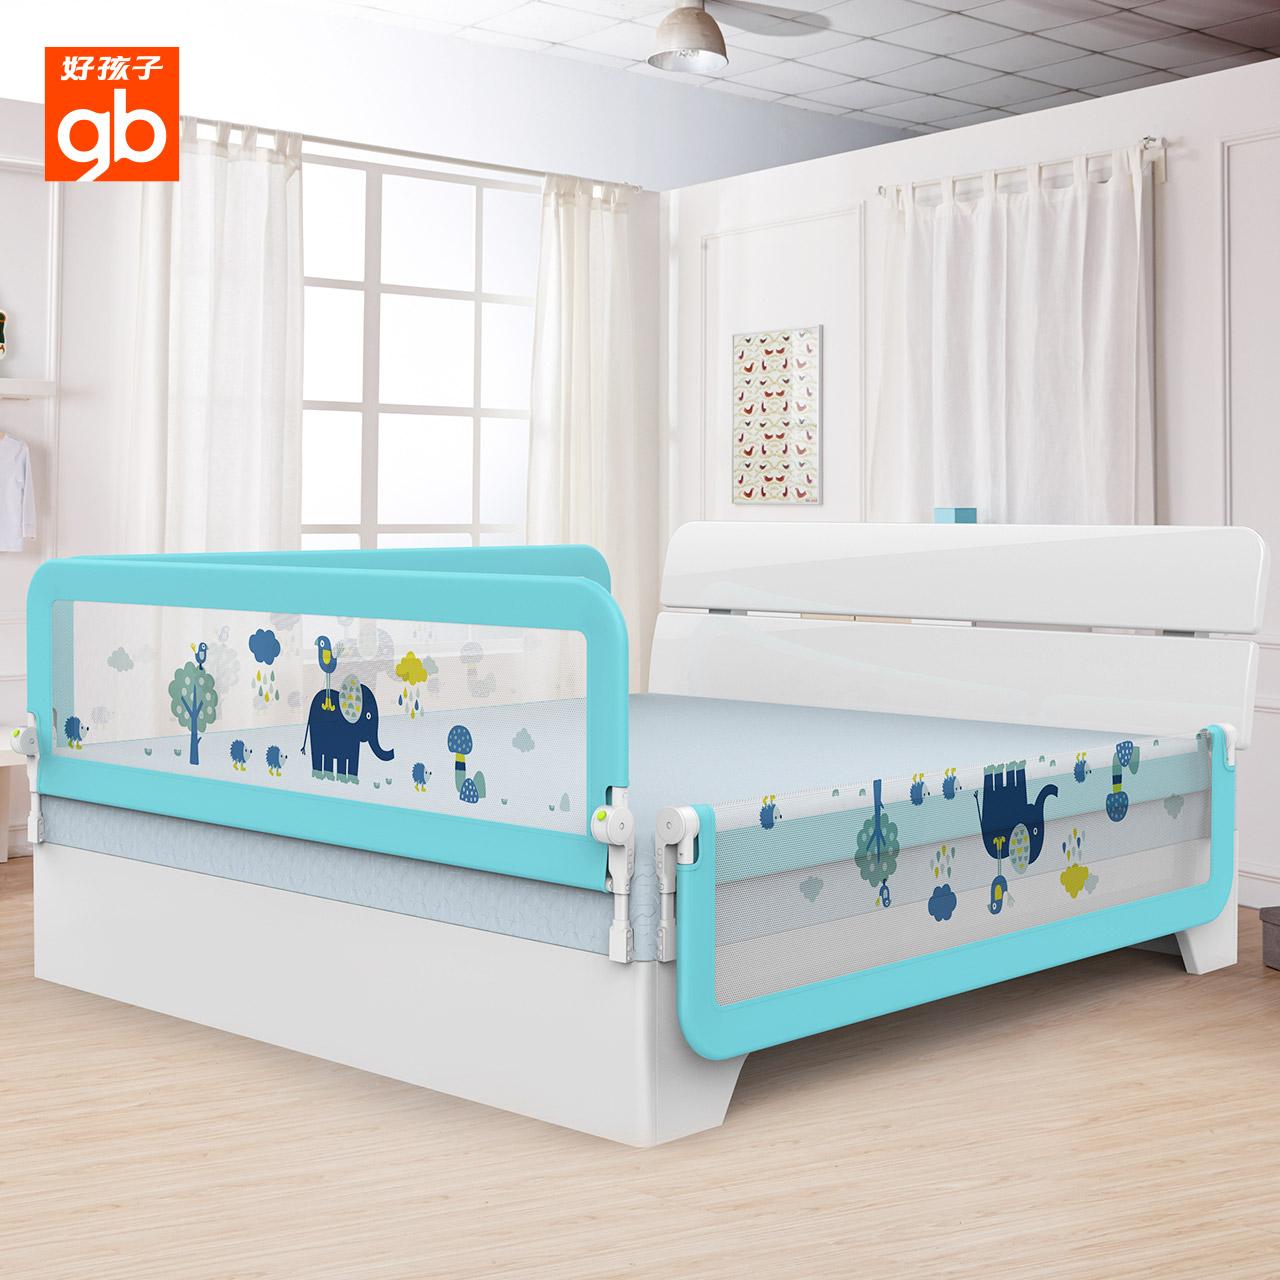 GB καλό παιδί το κρεβάτι. το μωρό δίπλα στο κρεβάτι του παιδιού το μωρό έχει διάφραγμα σύγκρουσης CW100 φράχτη